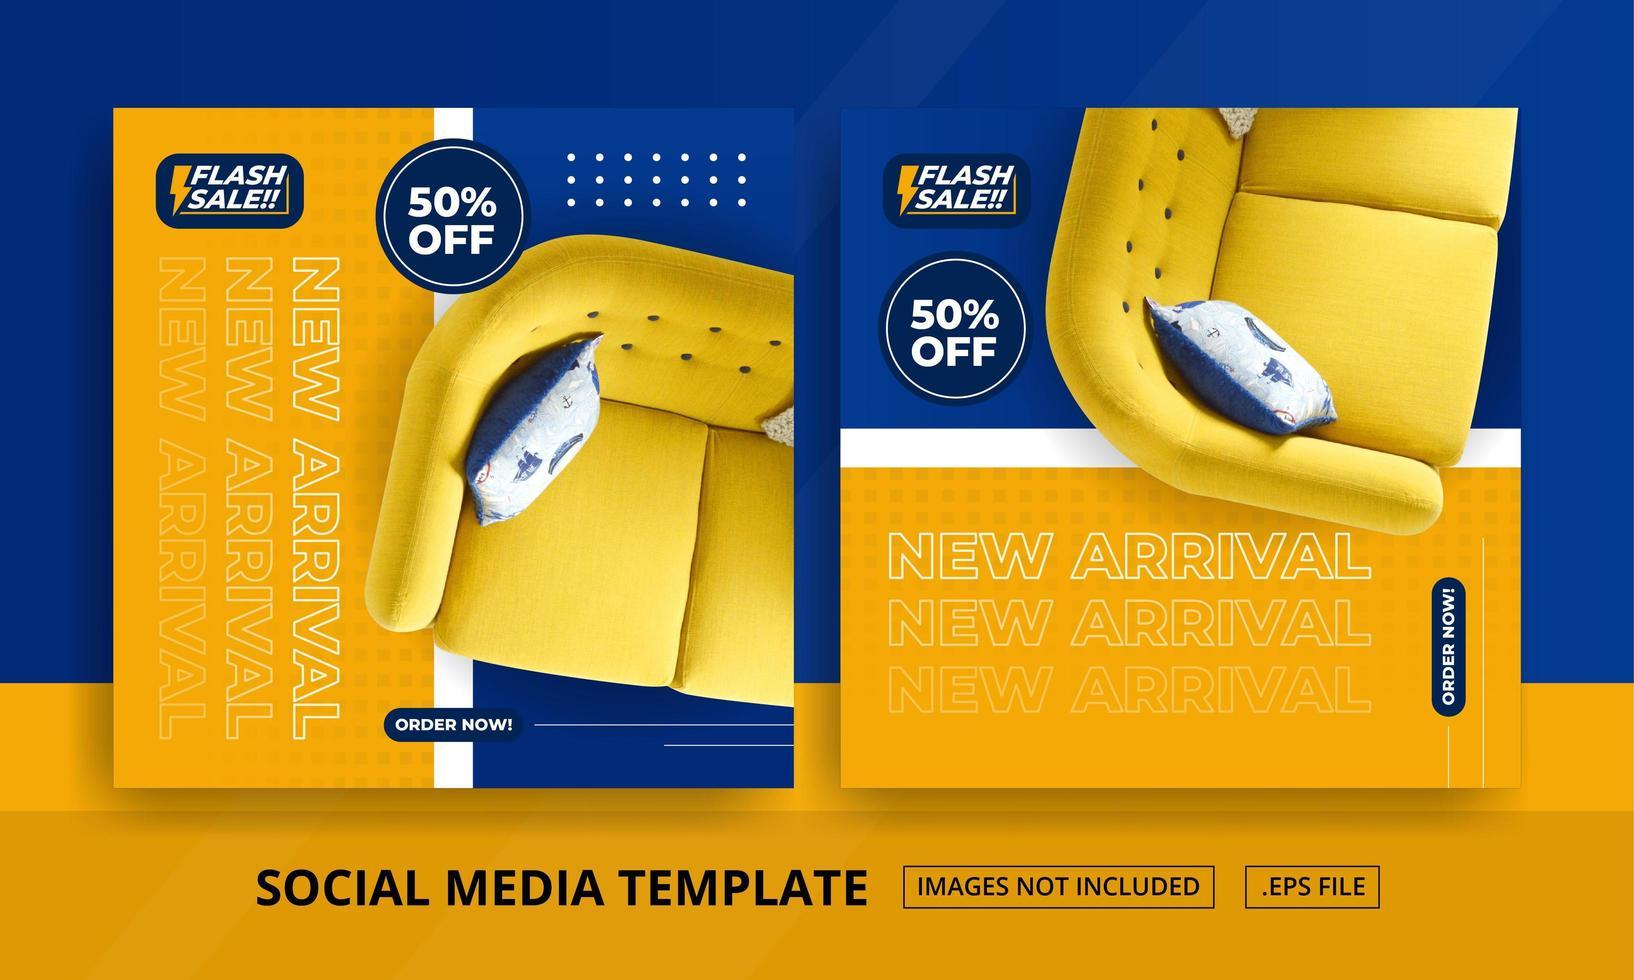 modelli di social media a tema mobili arancione e blu vettore